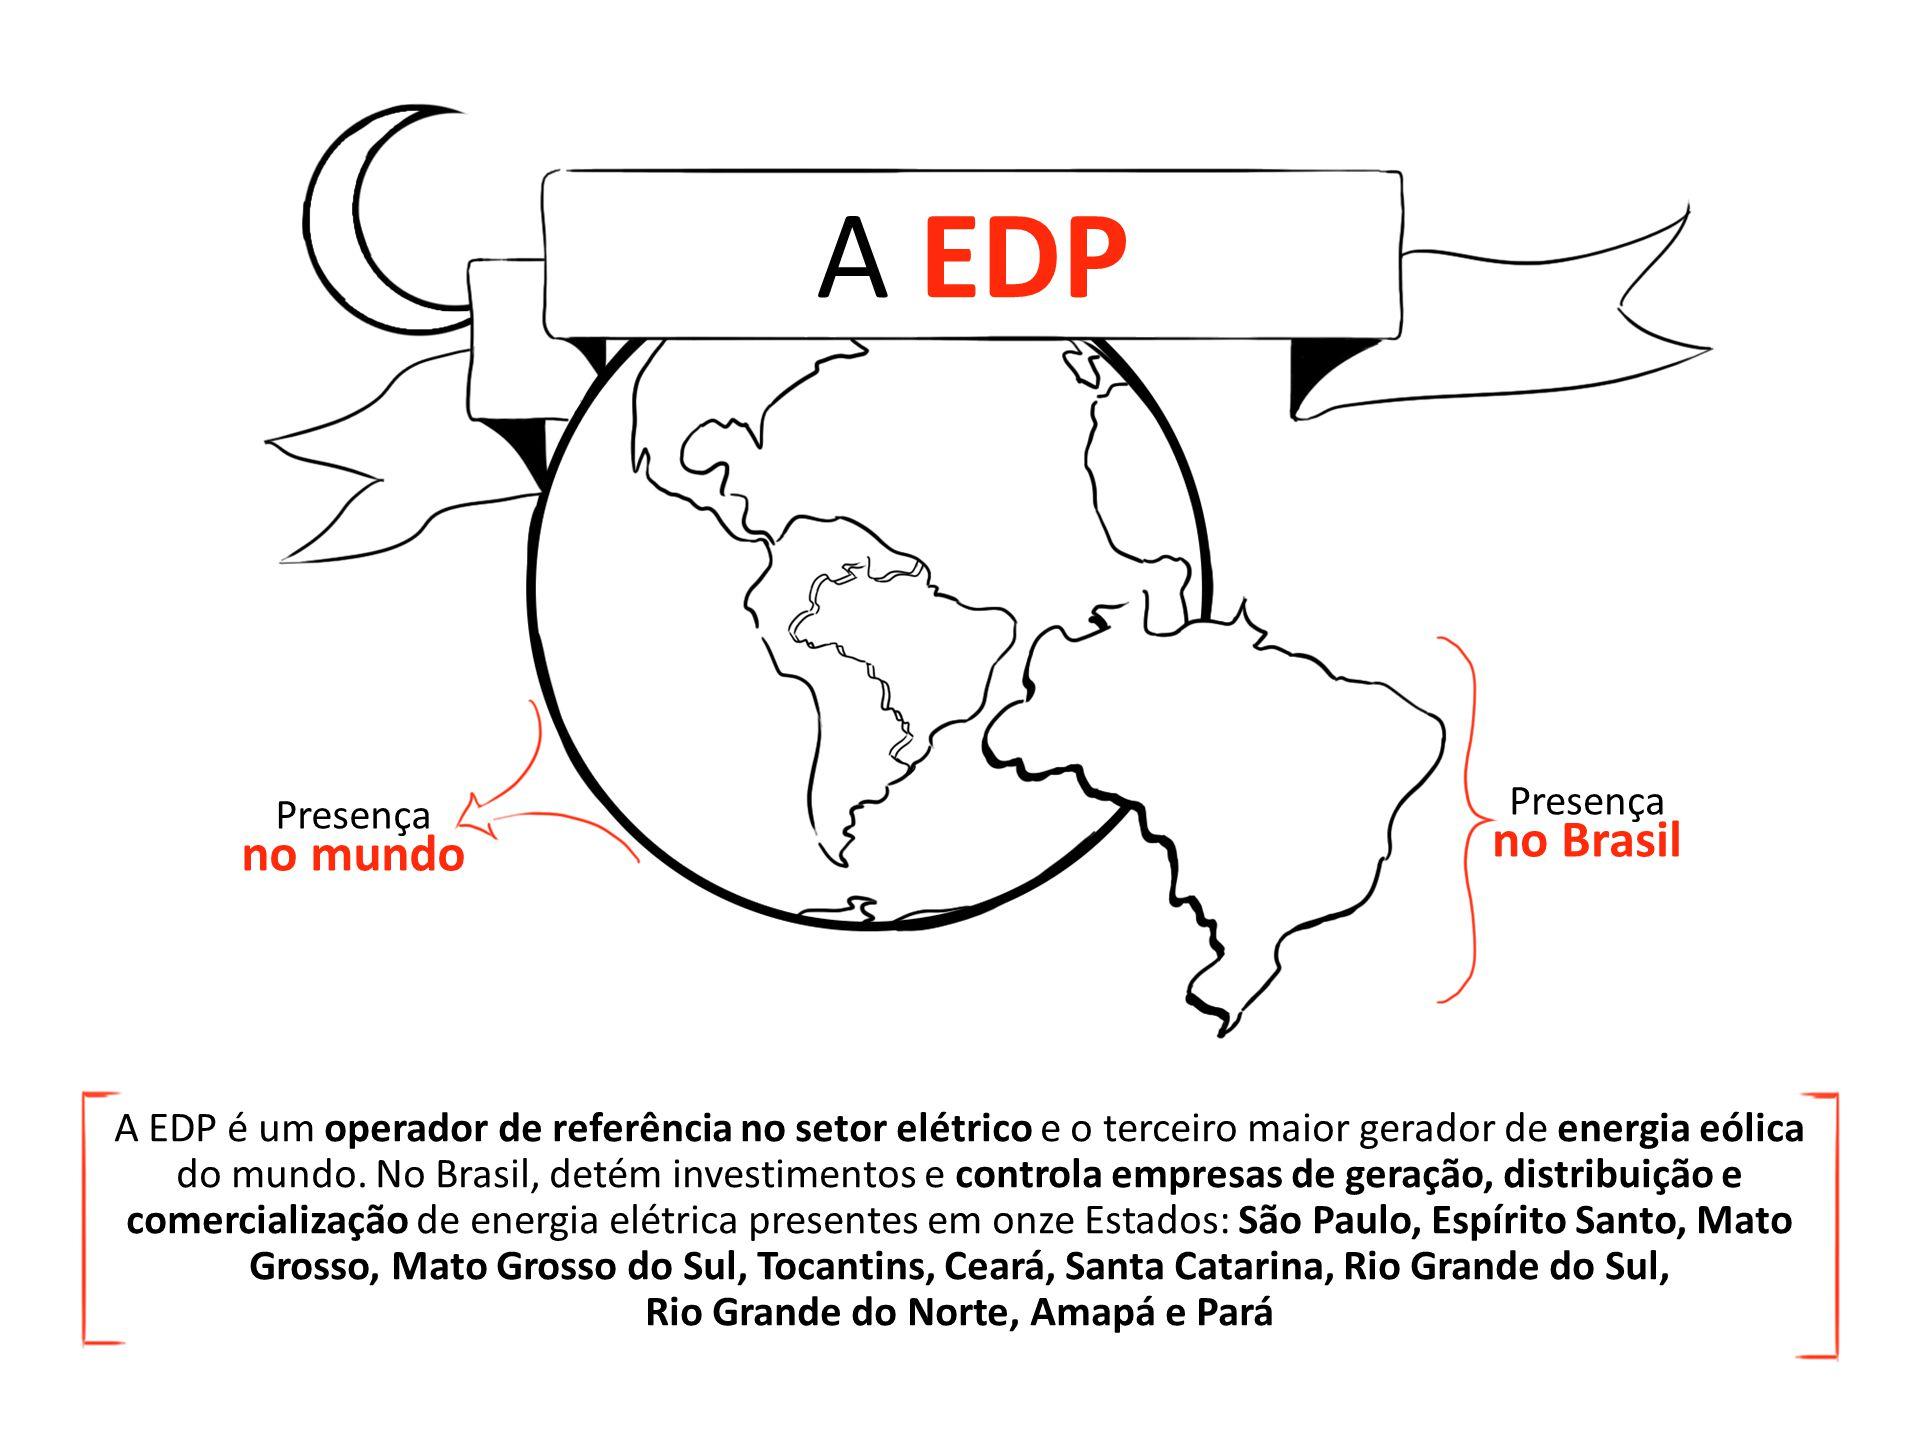 5ª edição A EDP A EDP é um operador de referência no setor elétrico e o terceiro maior gerador de energia eólica do mundo.